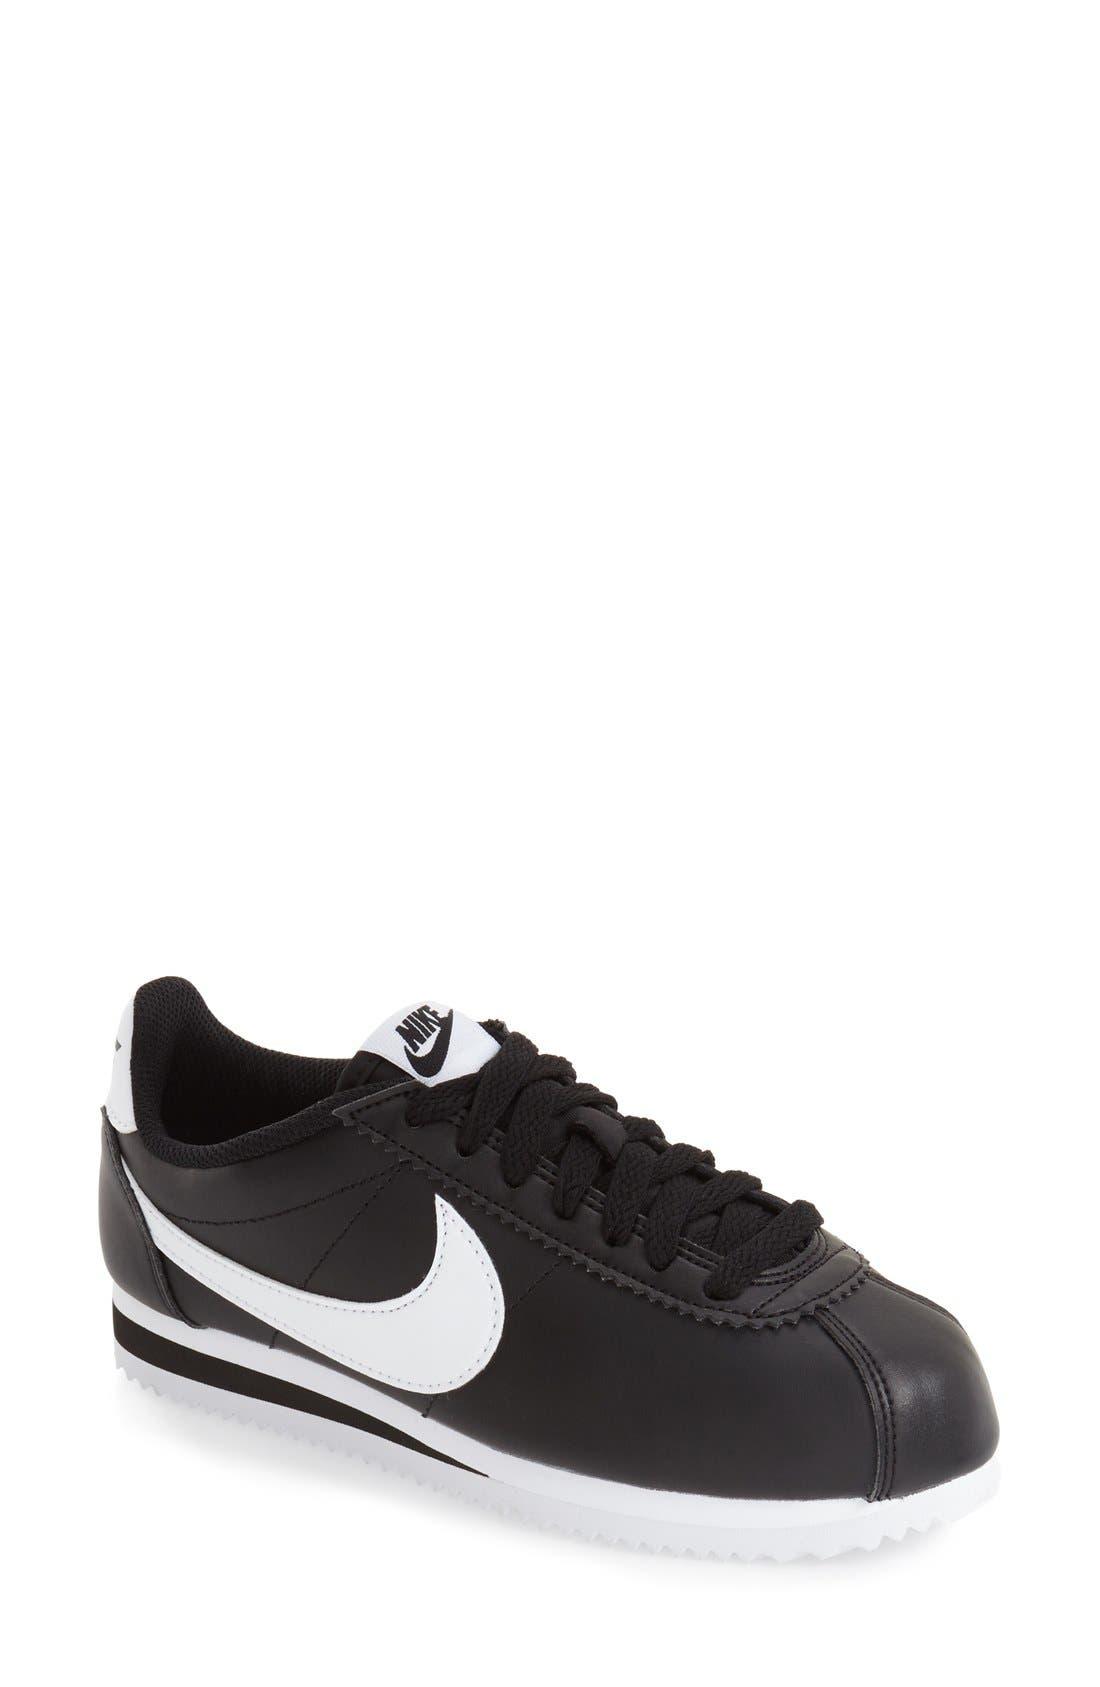 Classic Cortez Sneaker in Black/ White/ White